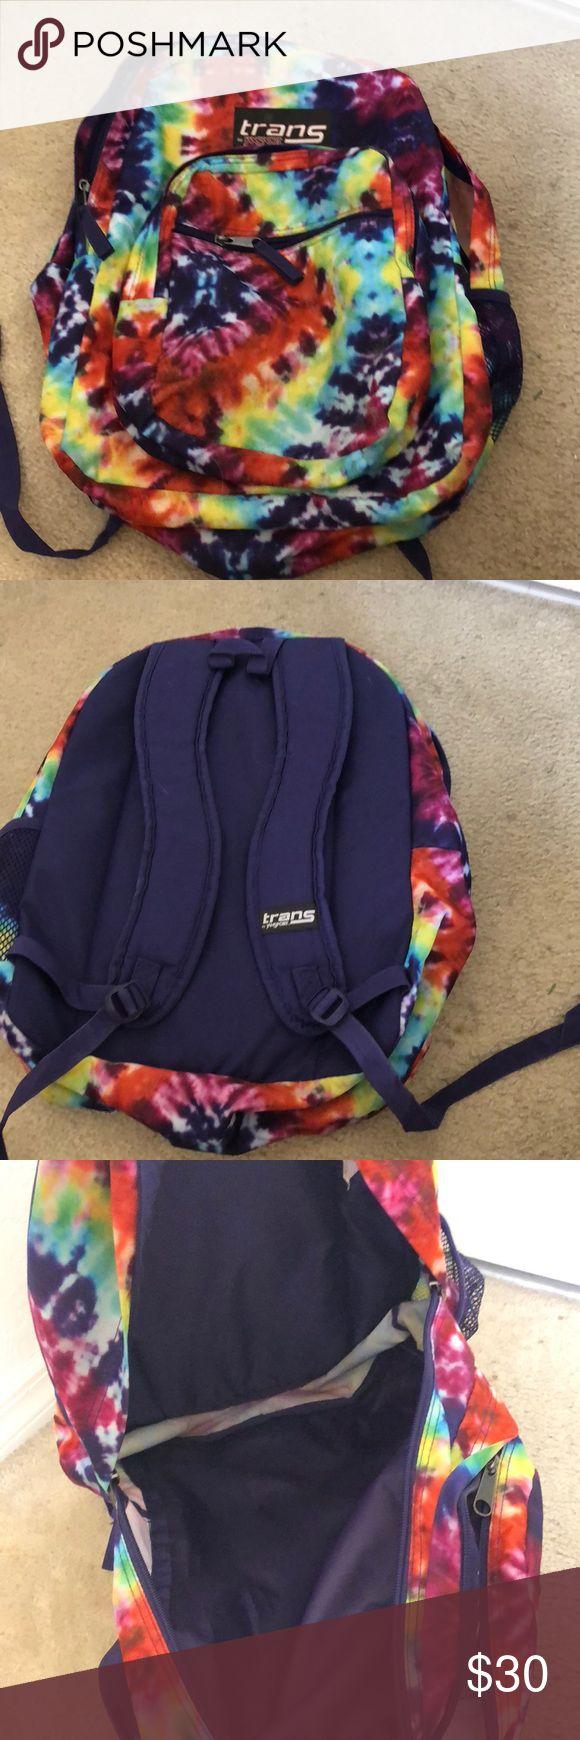 Jansport tie-dye backpack Tie-dye jansport backpack! Jansport Bags Backpacks